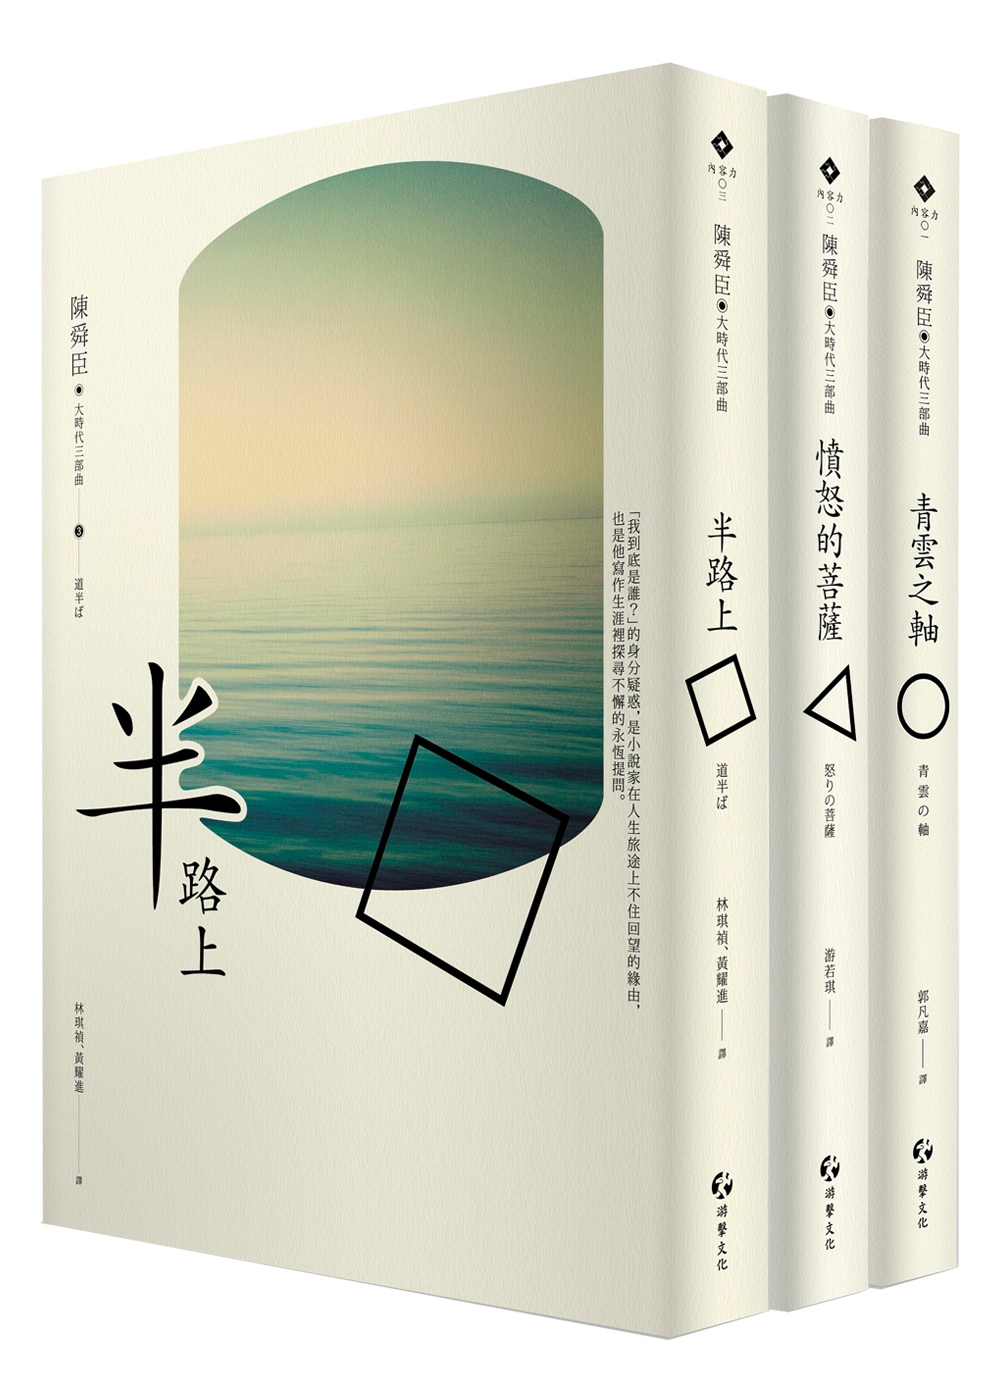 大時代下的陳舜臣三部曲:青雲之軸、憤怒的菩薩、半路上